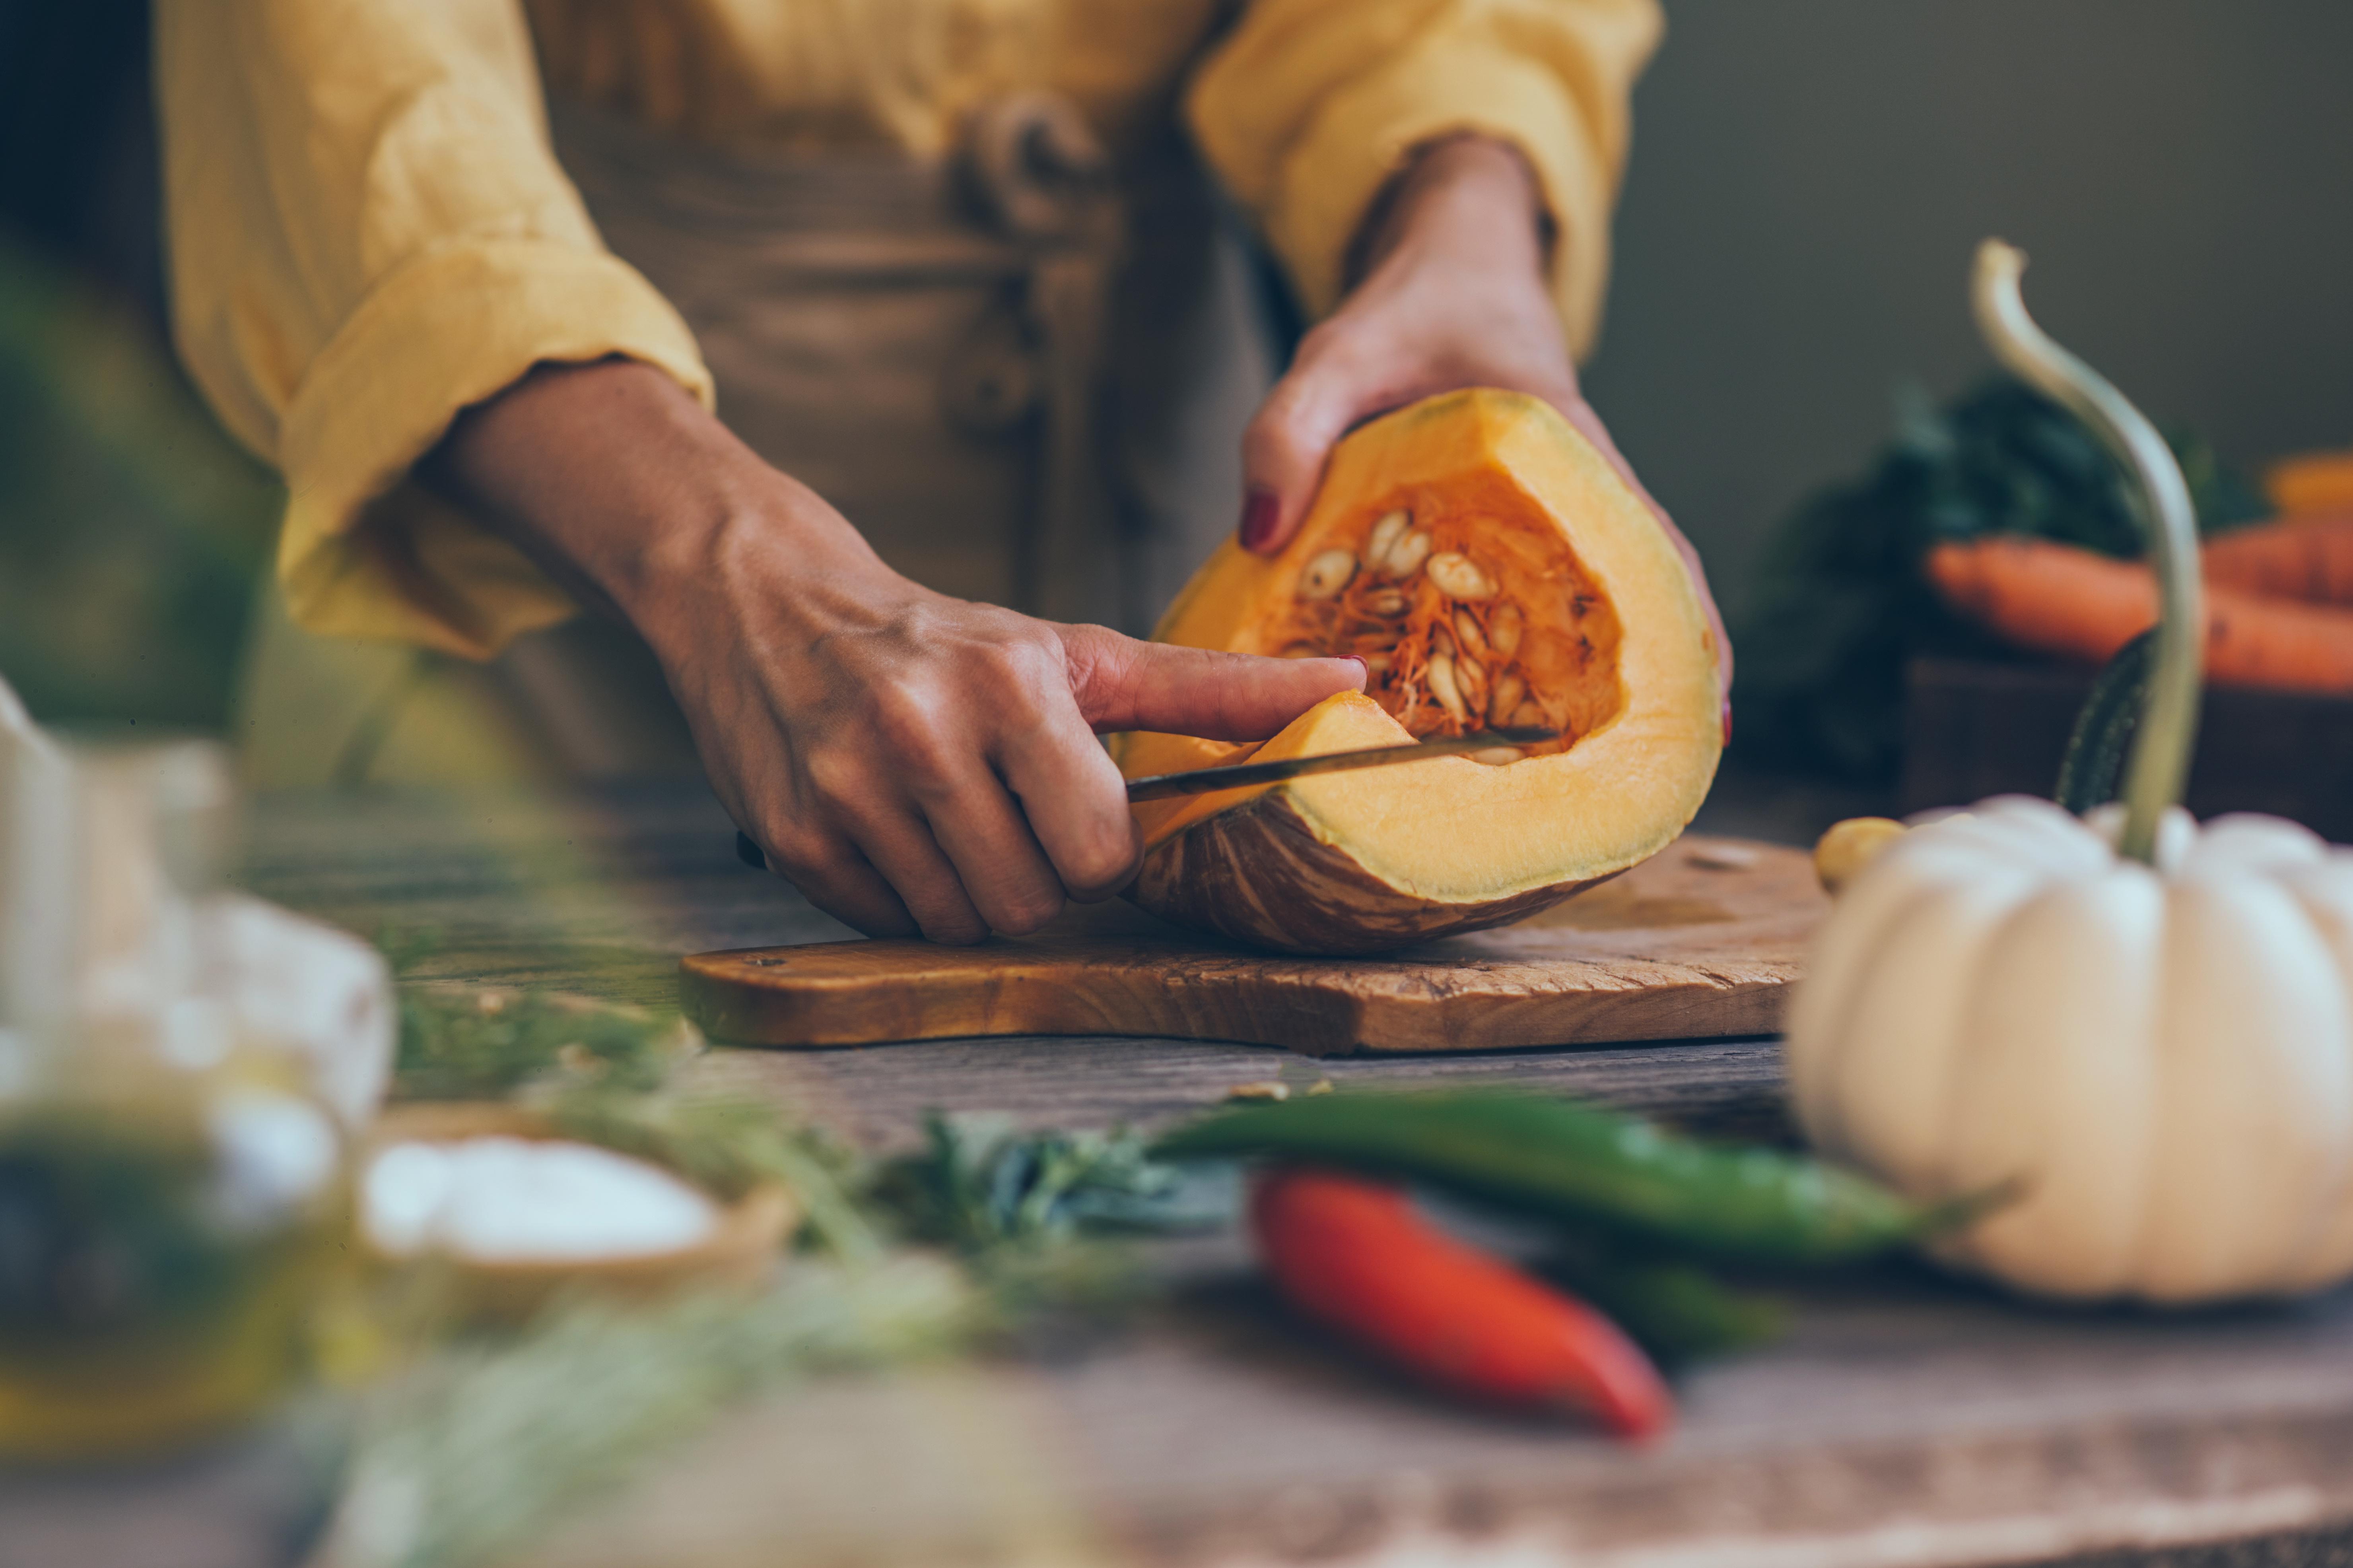 Frau schneidet Kürbis auf dunklem Küchentisch mit Gemüse